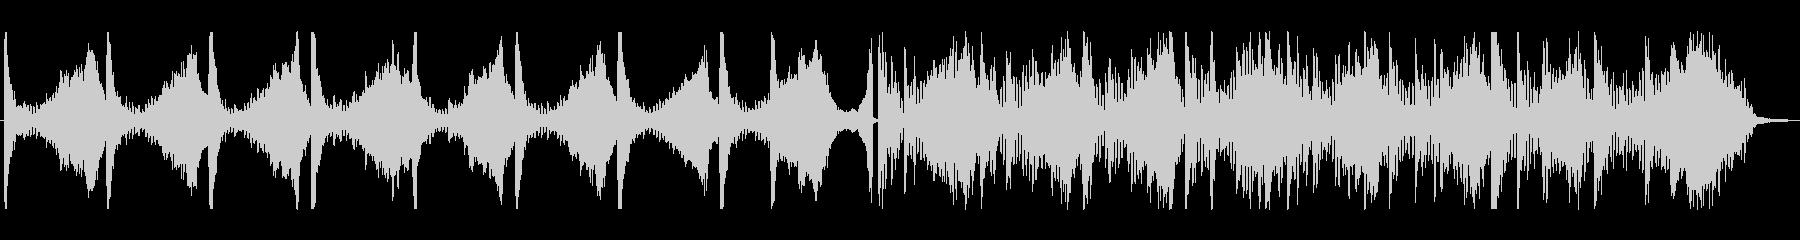 無音・間を表現したBGMの未再生の波形